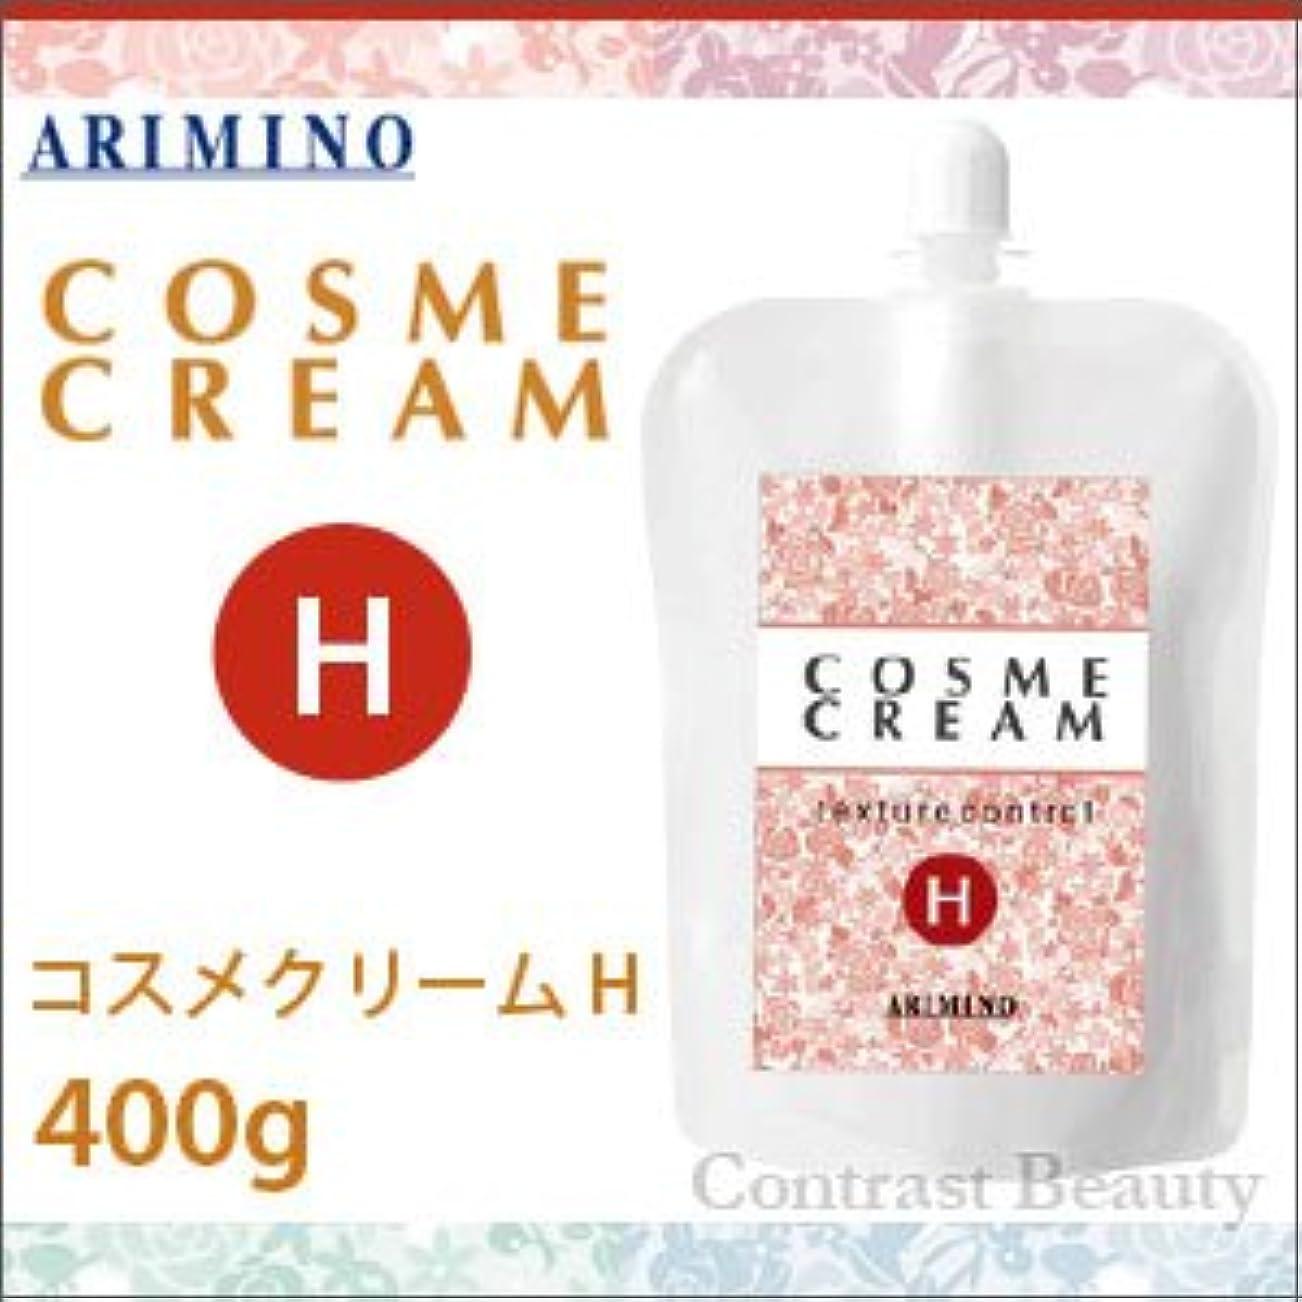 日曜日インサート検索エンジンマーケティング【X3個セット】 アリミノ コスメクリーム H 400g